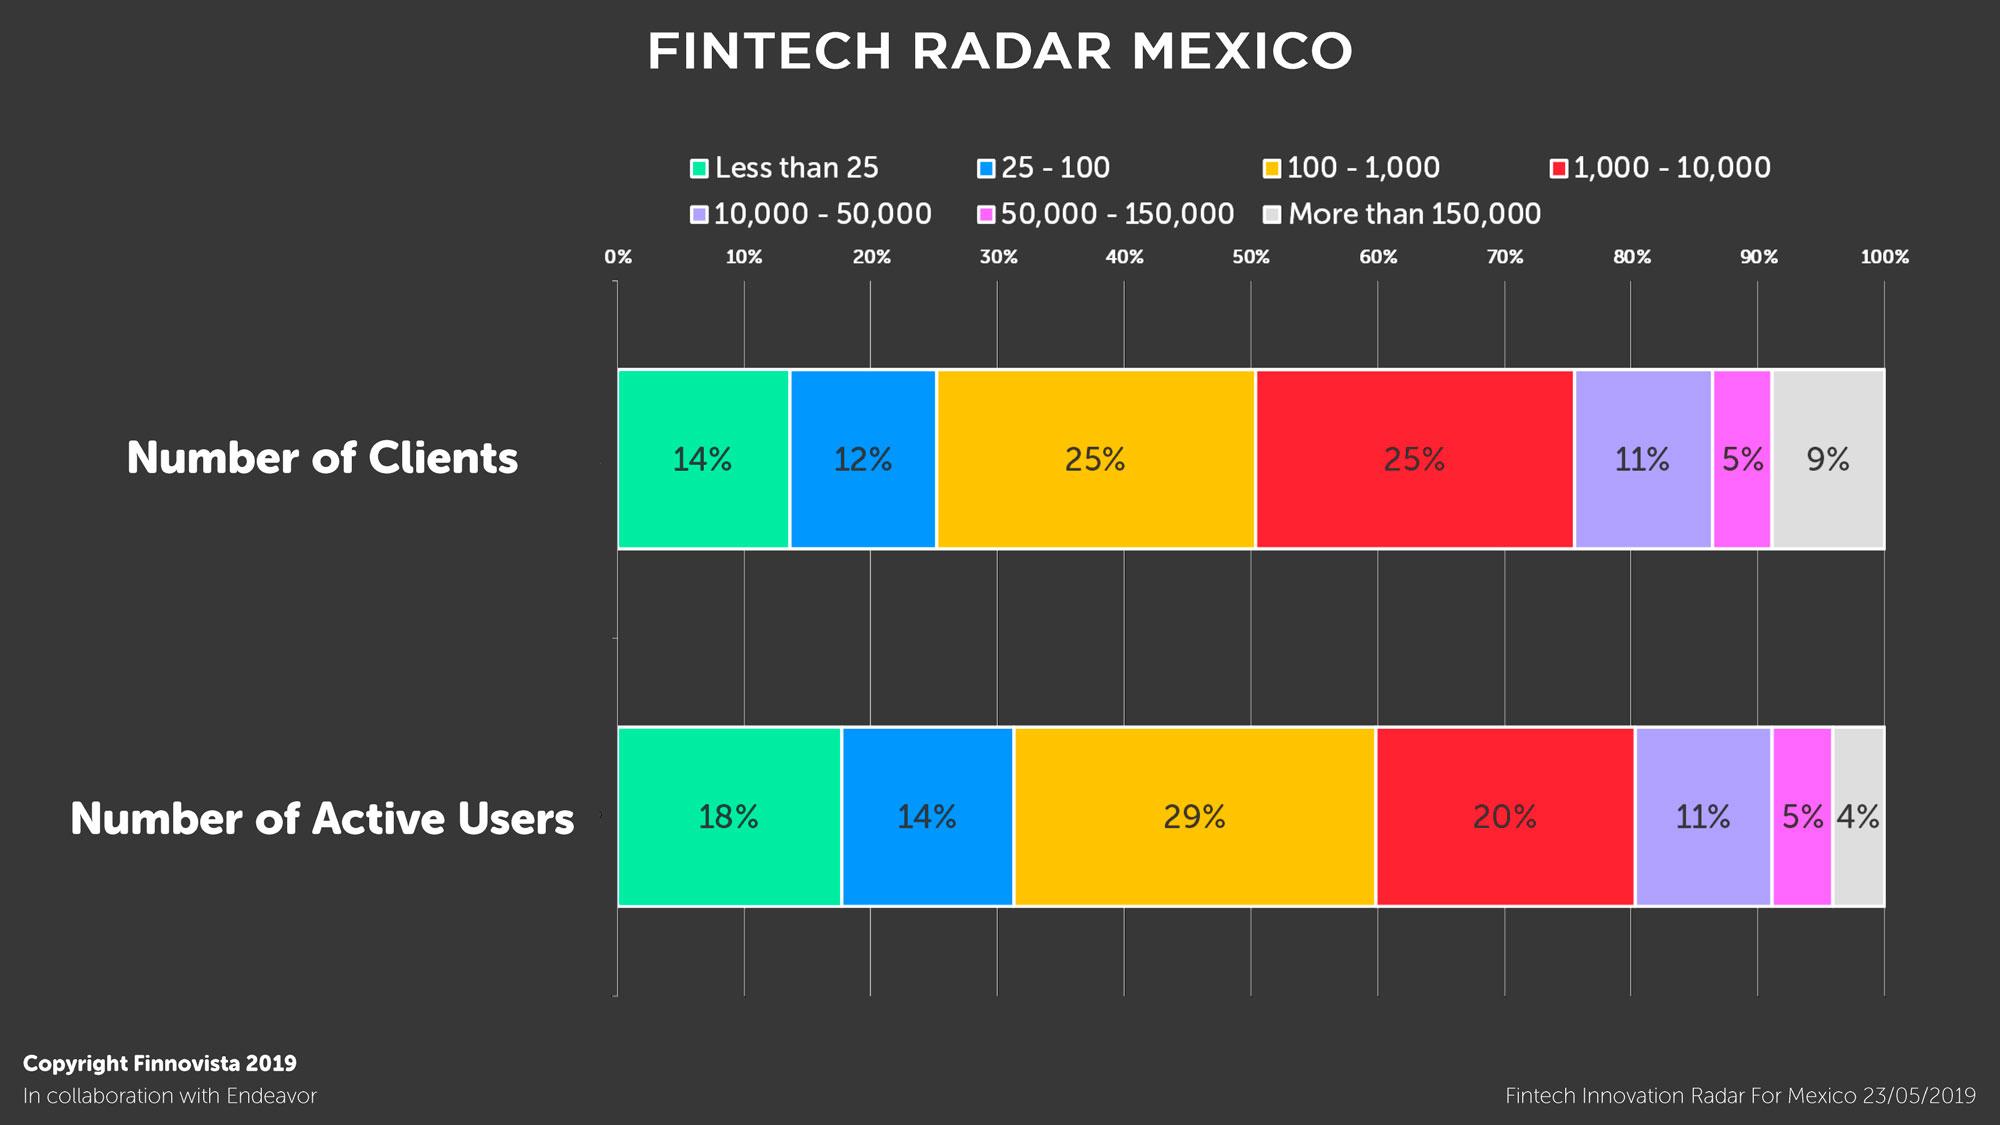 08-Graficos-Fintech-Radar-Mexico-1-7